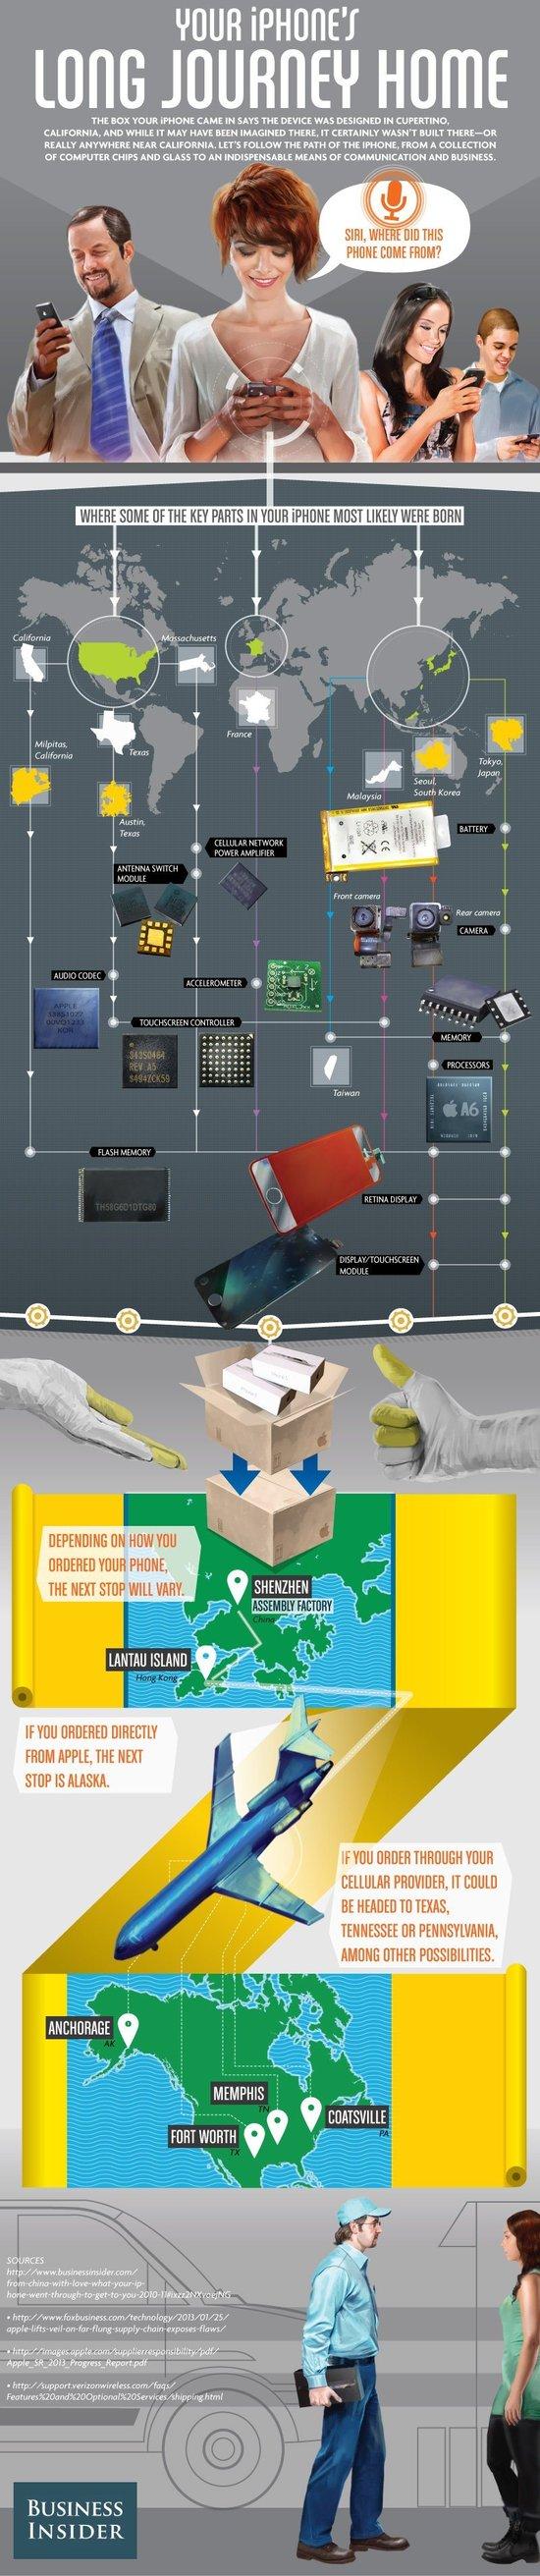 Actualidad Informática. Infografía piezas iPhone Apple. Rafael Barzanallana. UMU